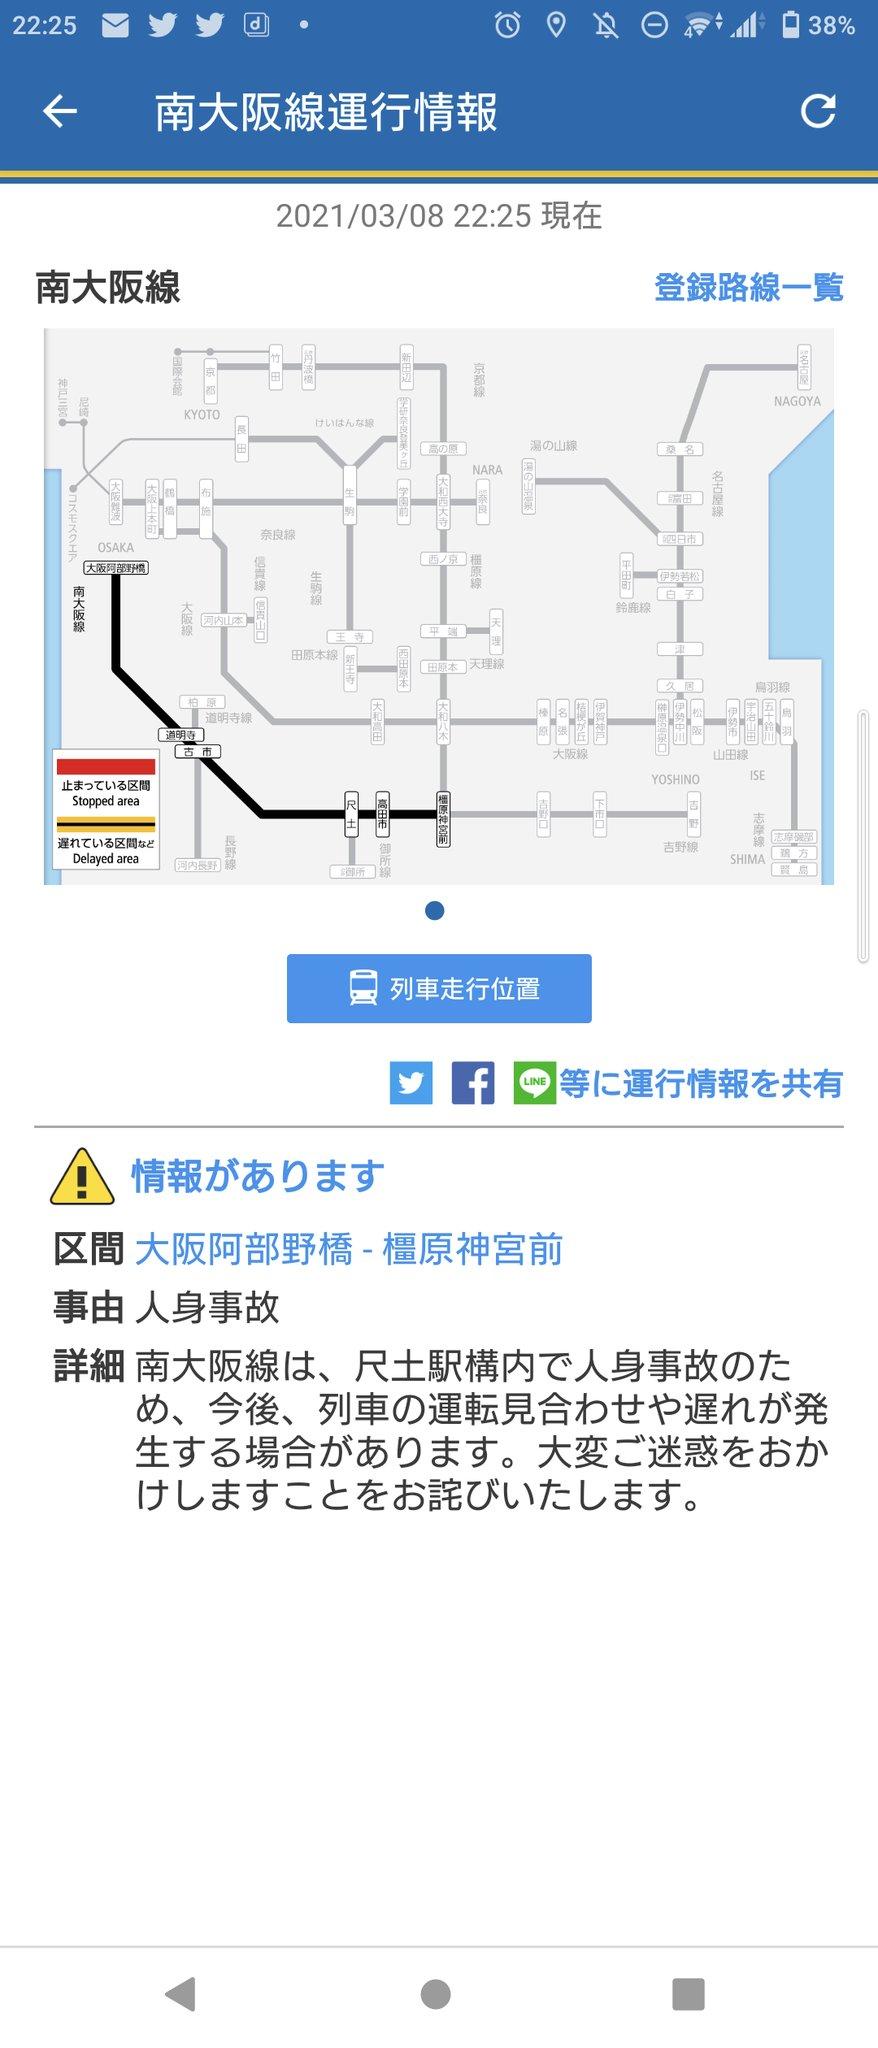 画像,近鉄線列車運行情報南大阪線は、尺土駅構内で人身事故のため、今後、列車の運転見合わせや遅れが発生する場合があります。大変ご迷惑をおかけしますことをお詫びいたします…